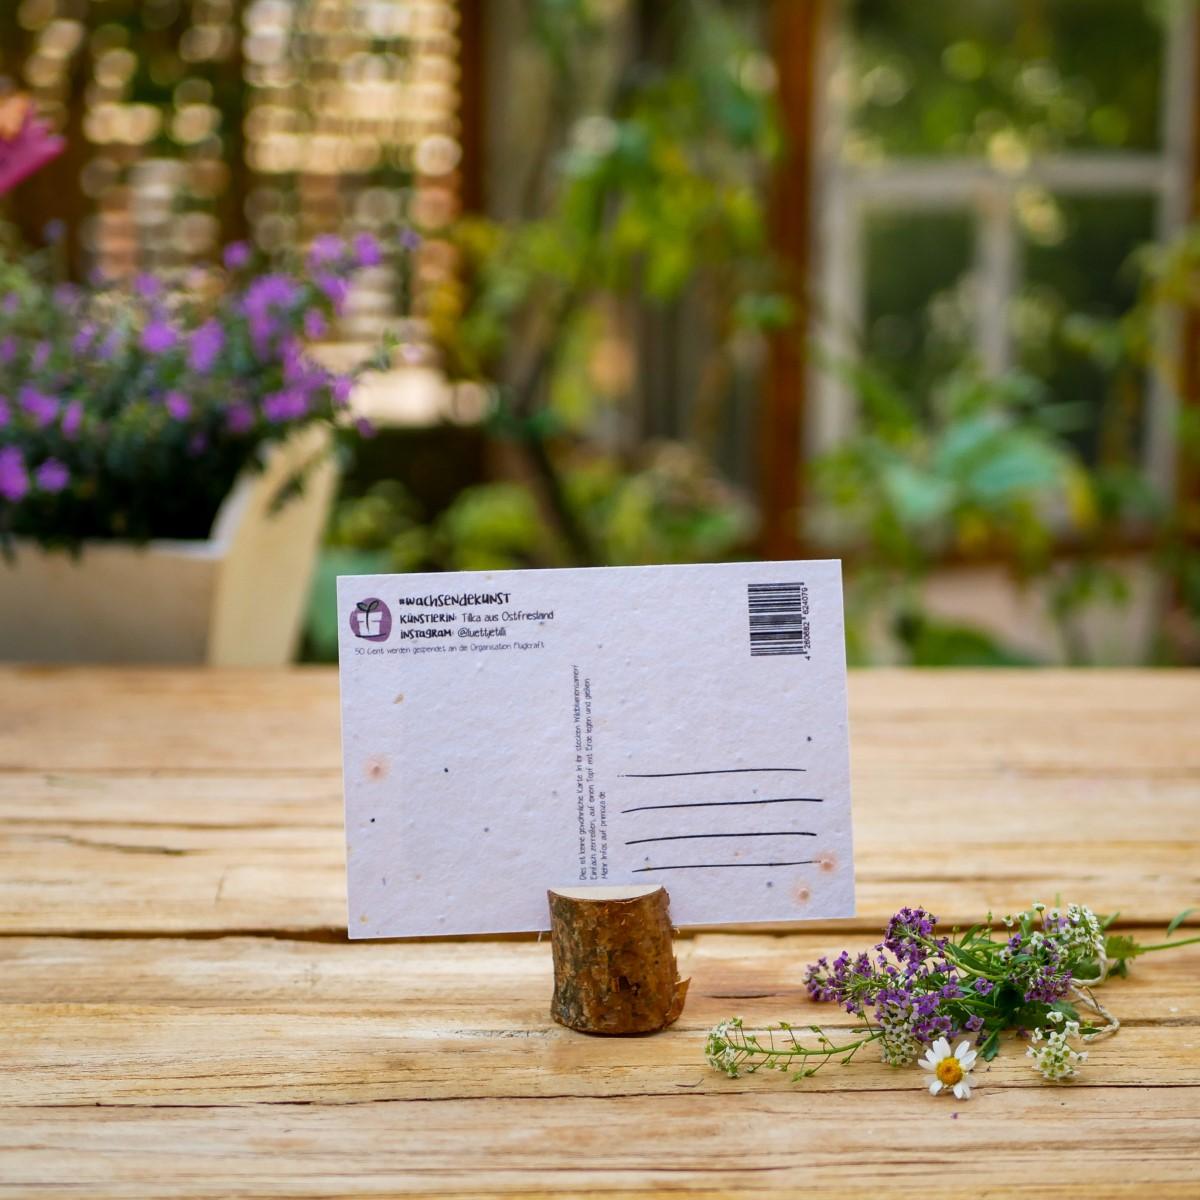 Einpflanzbare Postkarte aus Samenpapier mit Motiv eines Briefumschlages und Lavendel